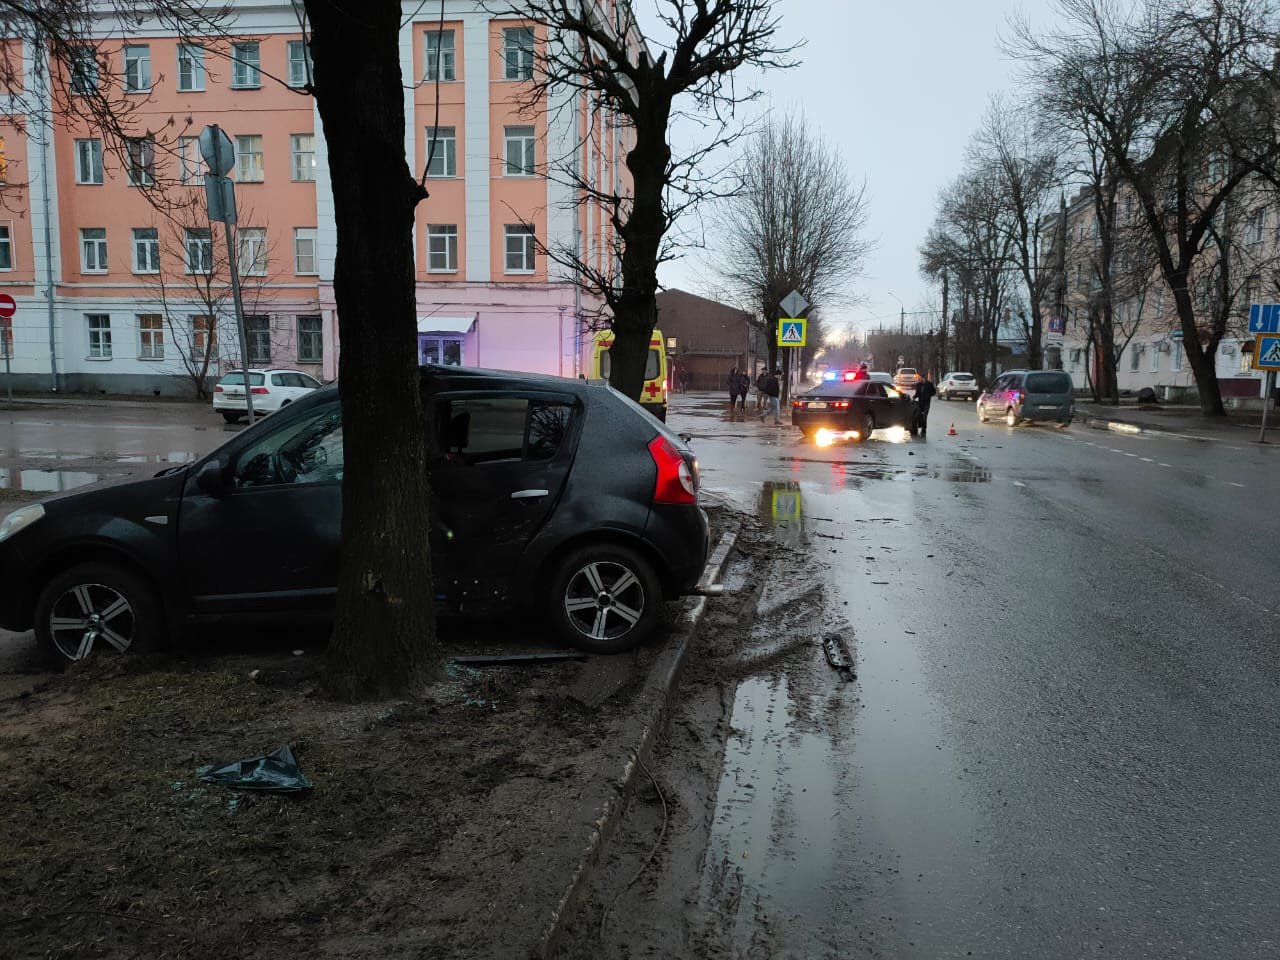 Две иномарки столкнулись в центре Твери: есть пострадавший